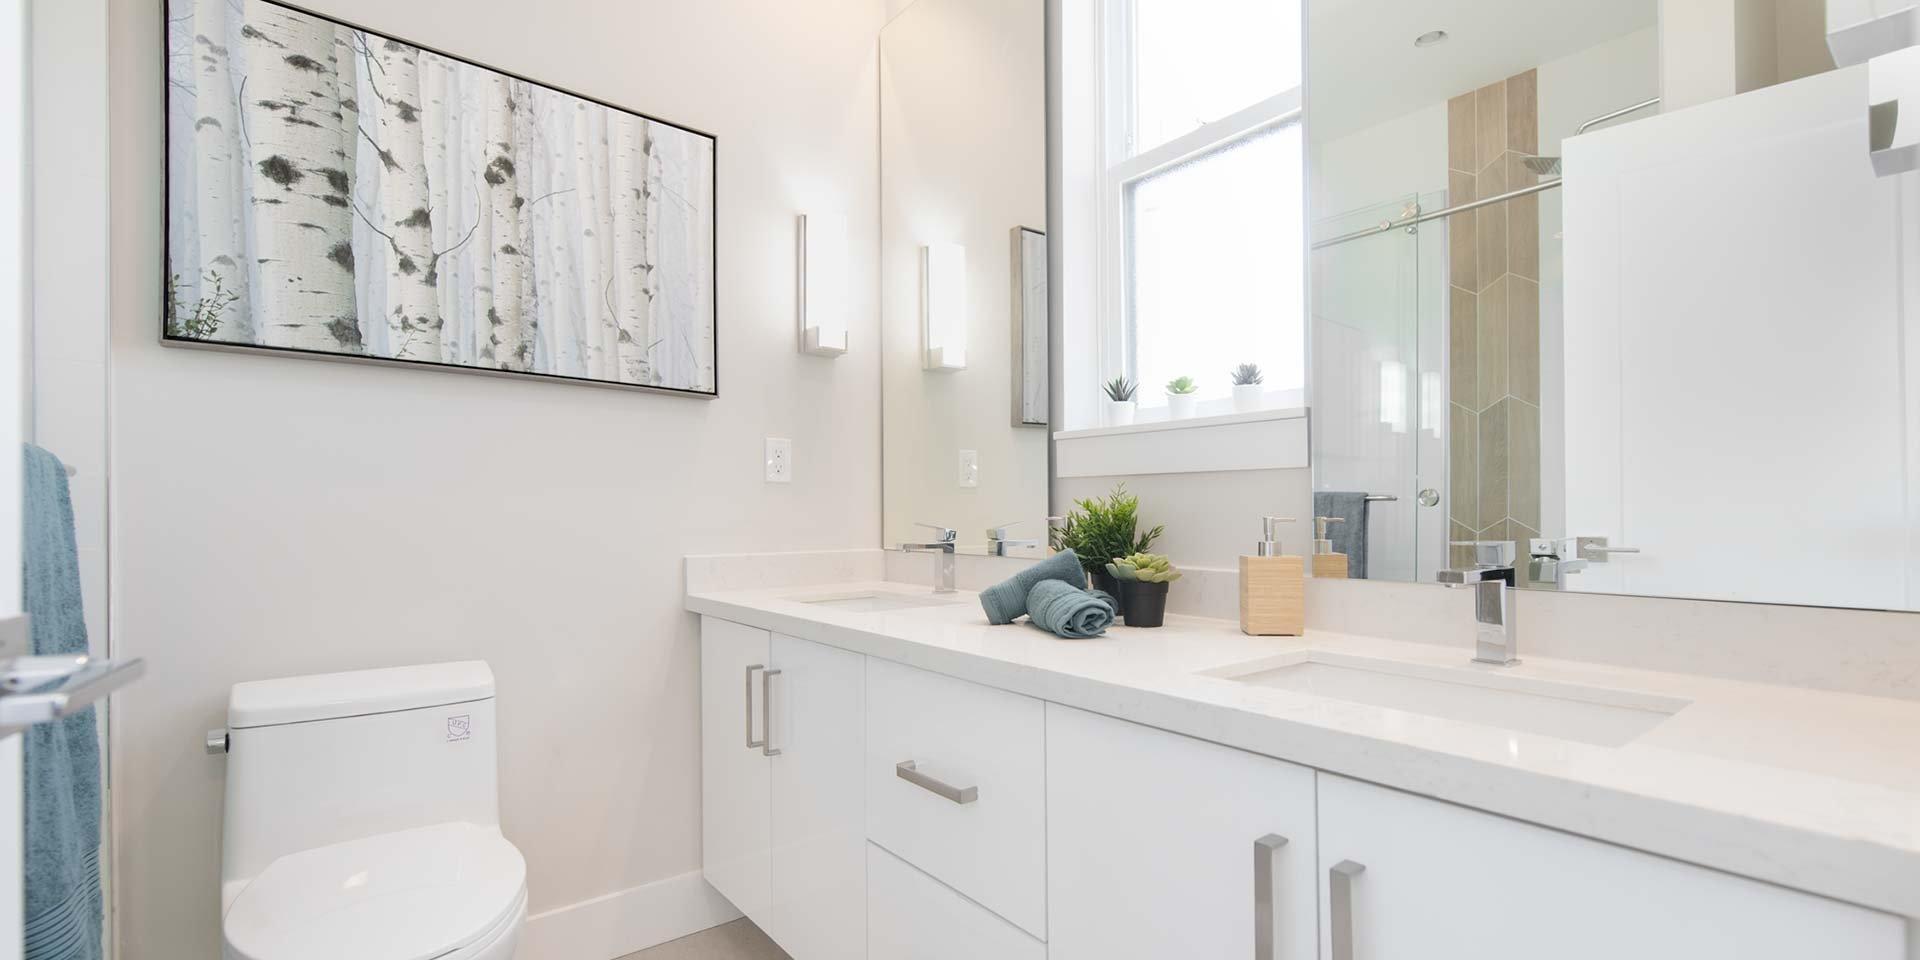 Bathroom - 16511 Watson Dr, Surrey, BC V4N 6T7, Canada!